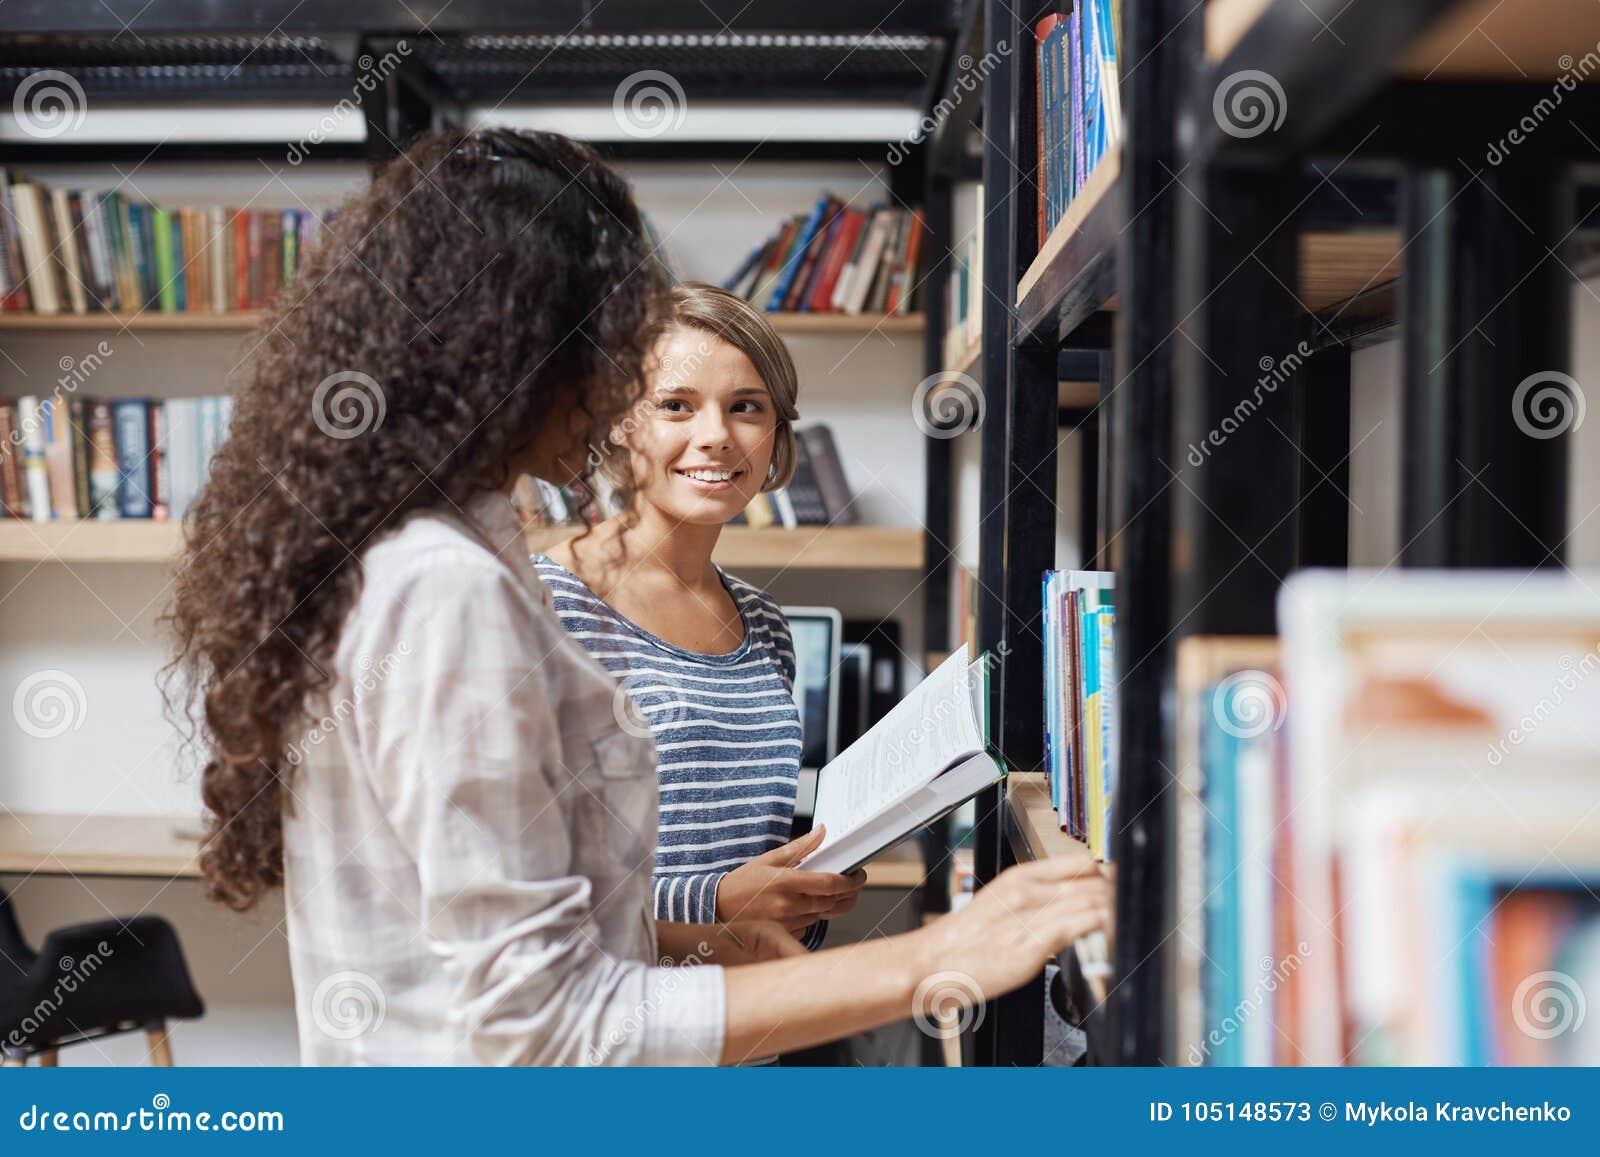 对站立近的书架的偶然时髦的衣裳的年轻美丽的女孩在图书馆里,看彼此